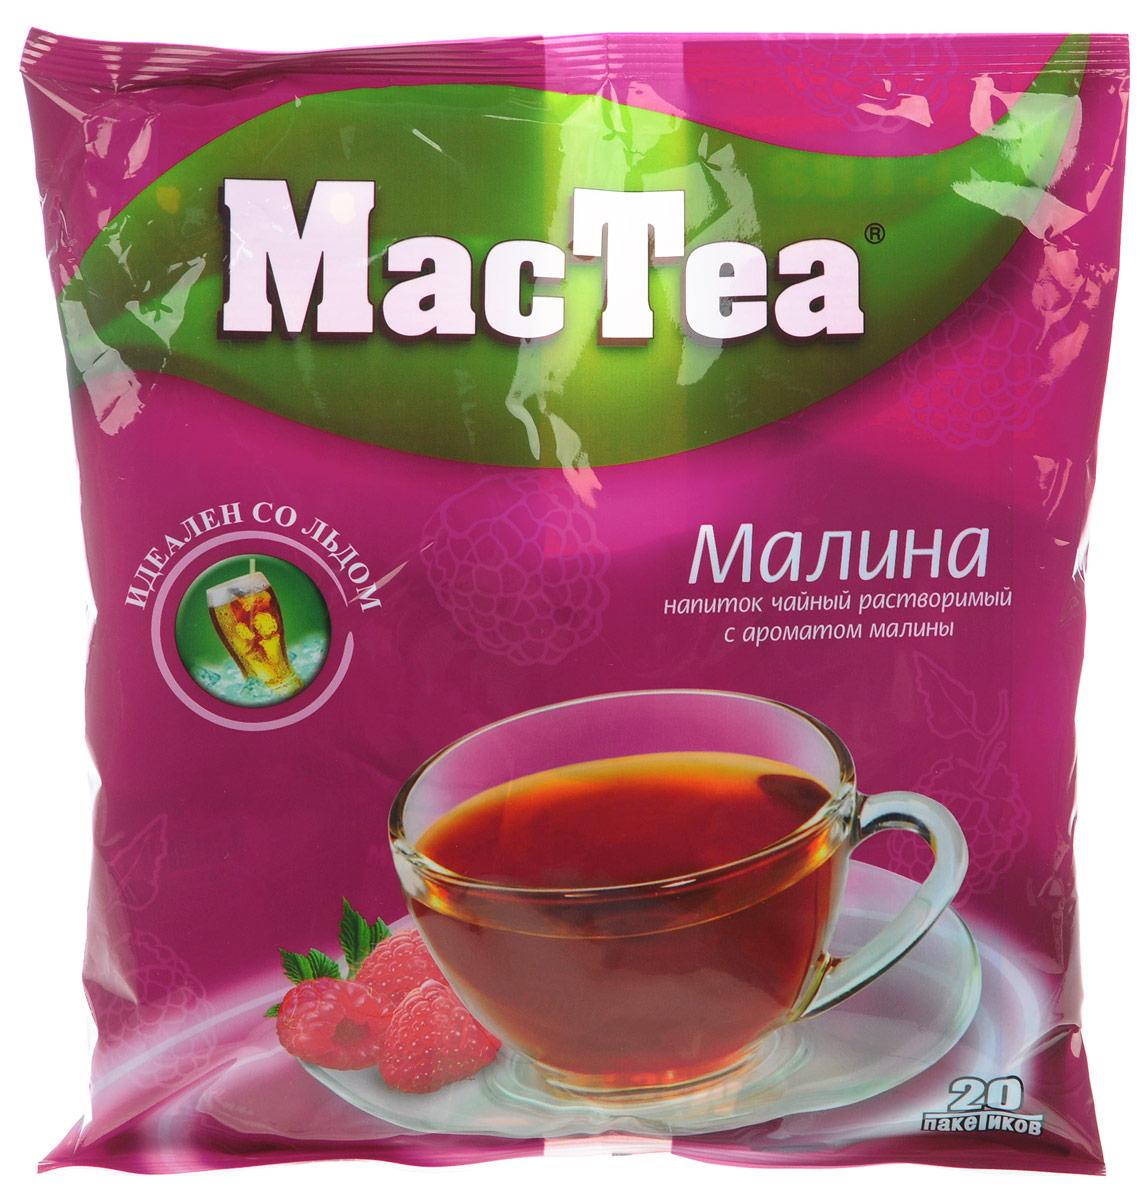 MacTea напиток чайный с малиной, 20 шт8887290103374Растворимый чайный напиток MacTea с малиной понравится и детям, и взрослым. Этот напиток можно употреблять как в холодном, так и в горячем виде. Для приготовления необходимо залить содержимое пакетика стаканом воды и тщательно размешать.